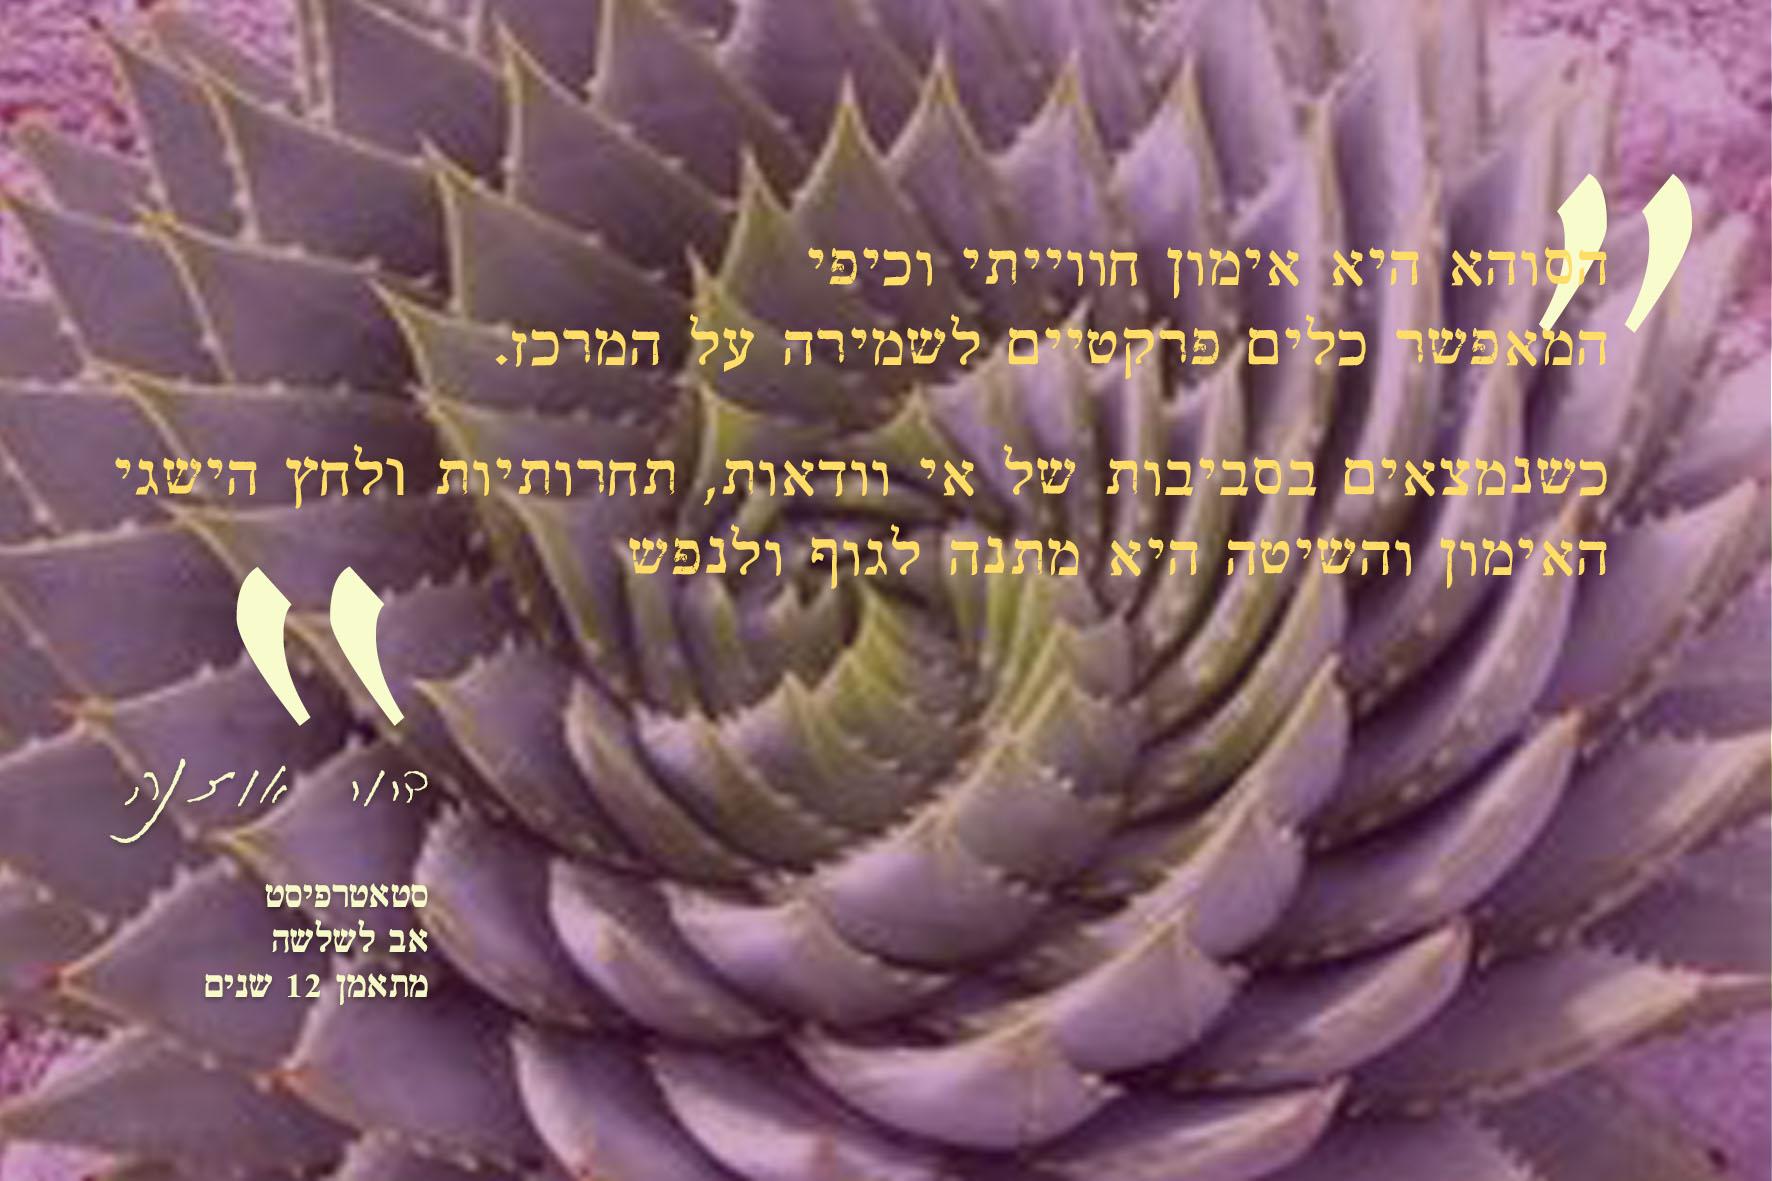 Ouzana Soha Testimony Designed